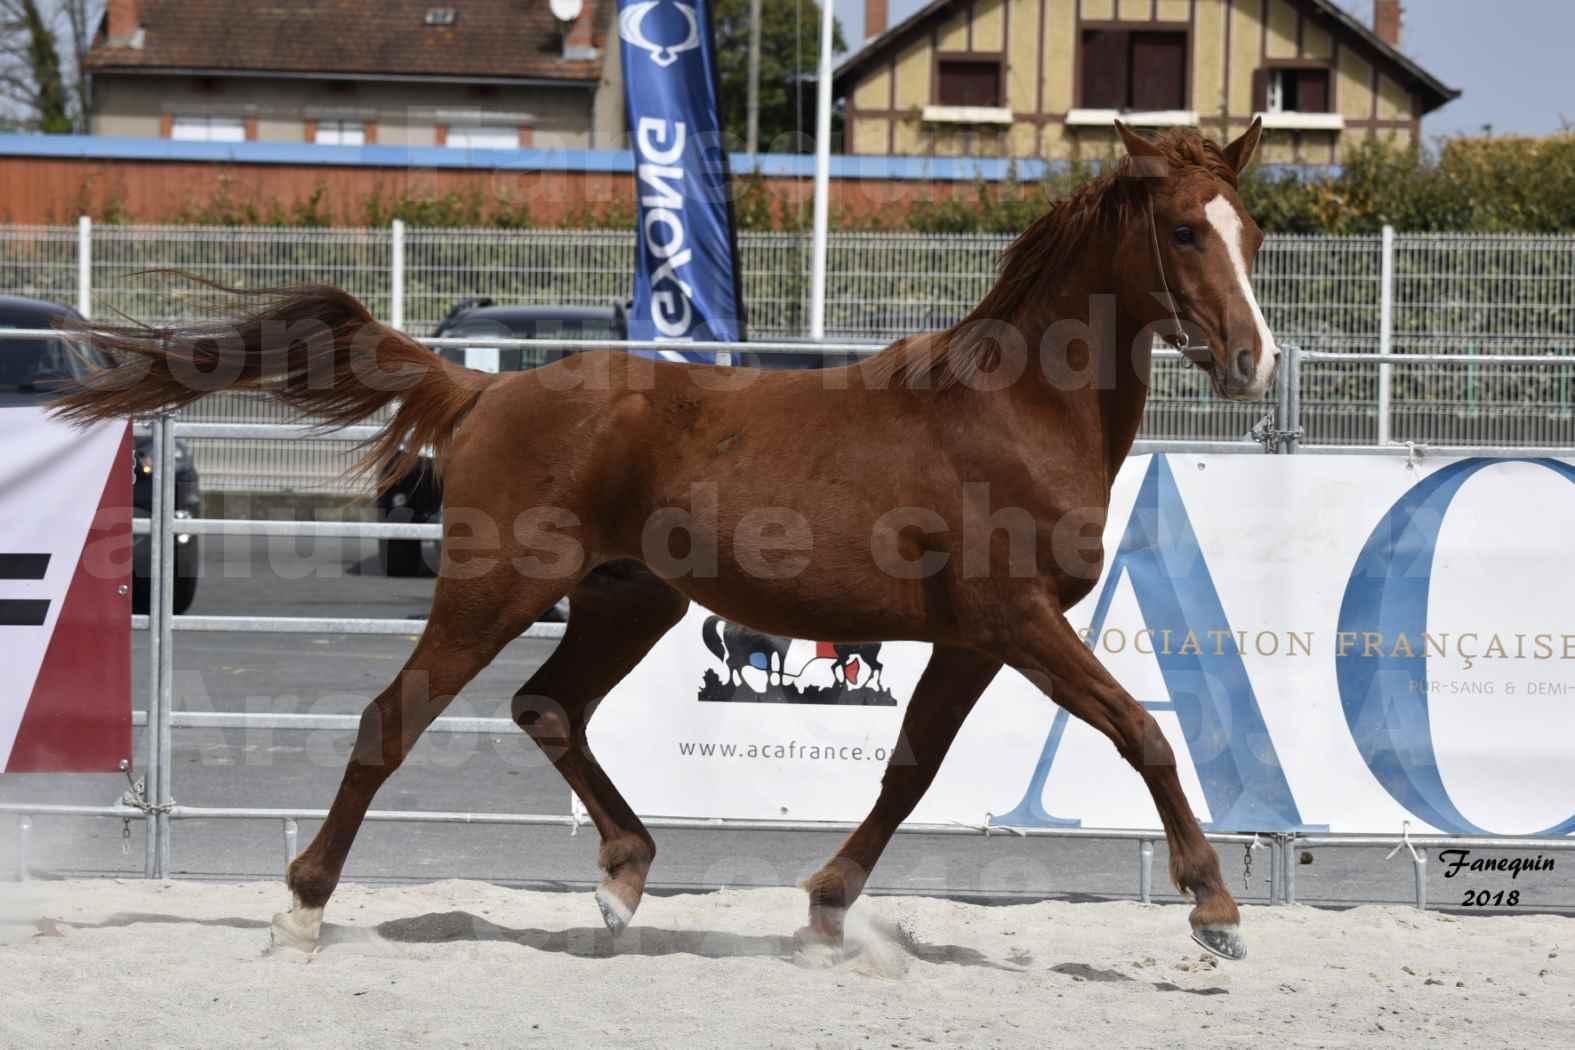 Concours d'élevage de Chevaux Arabes - D. S. A. - A. A. - ALBI les 6 & 7 Avril 2018 - FLEURON CONDO - Notre Sélection - 4